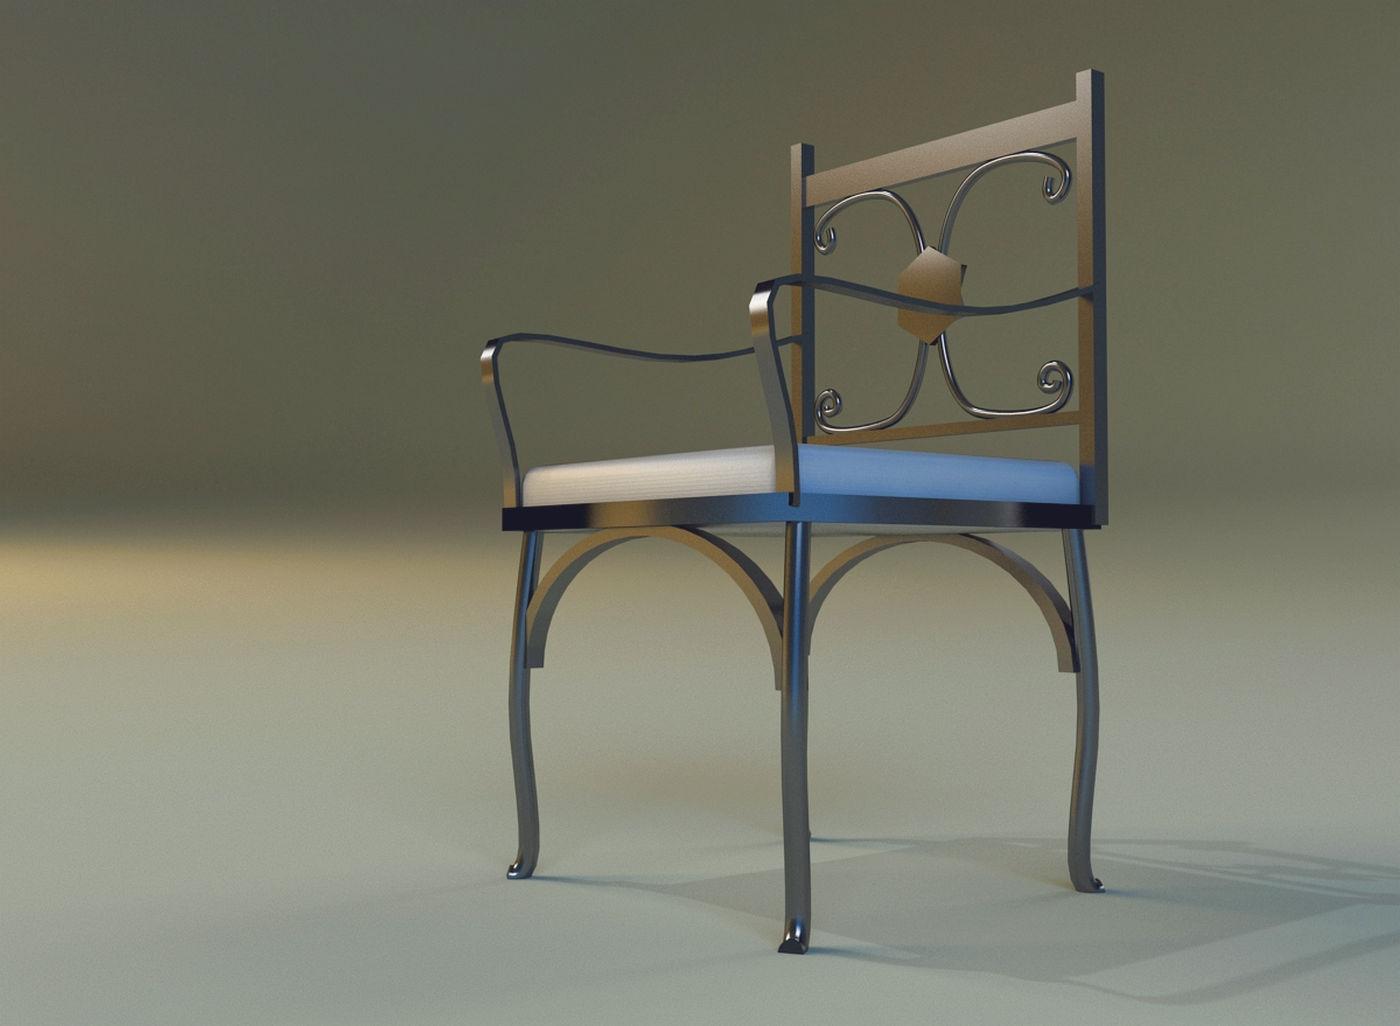 chair metal kitchen ii 3d model max obj 3ds fbx